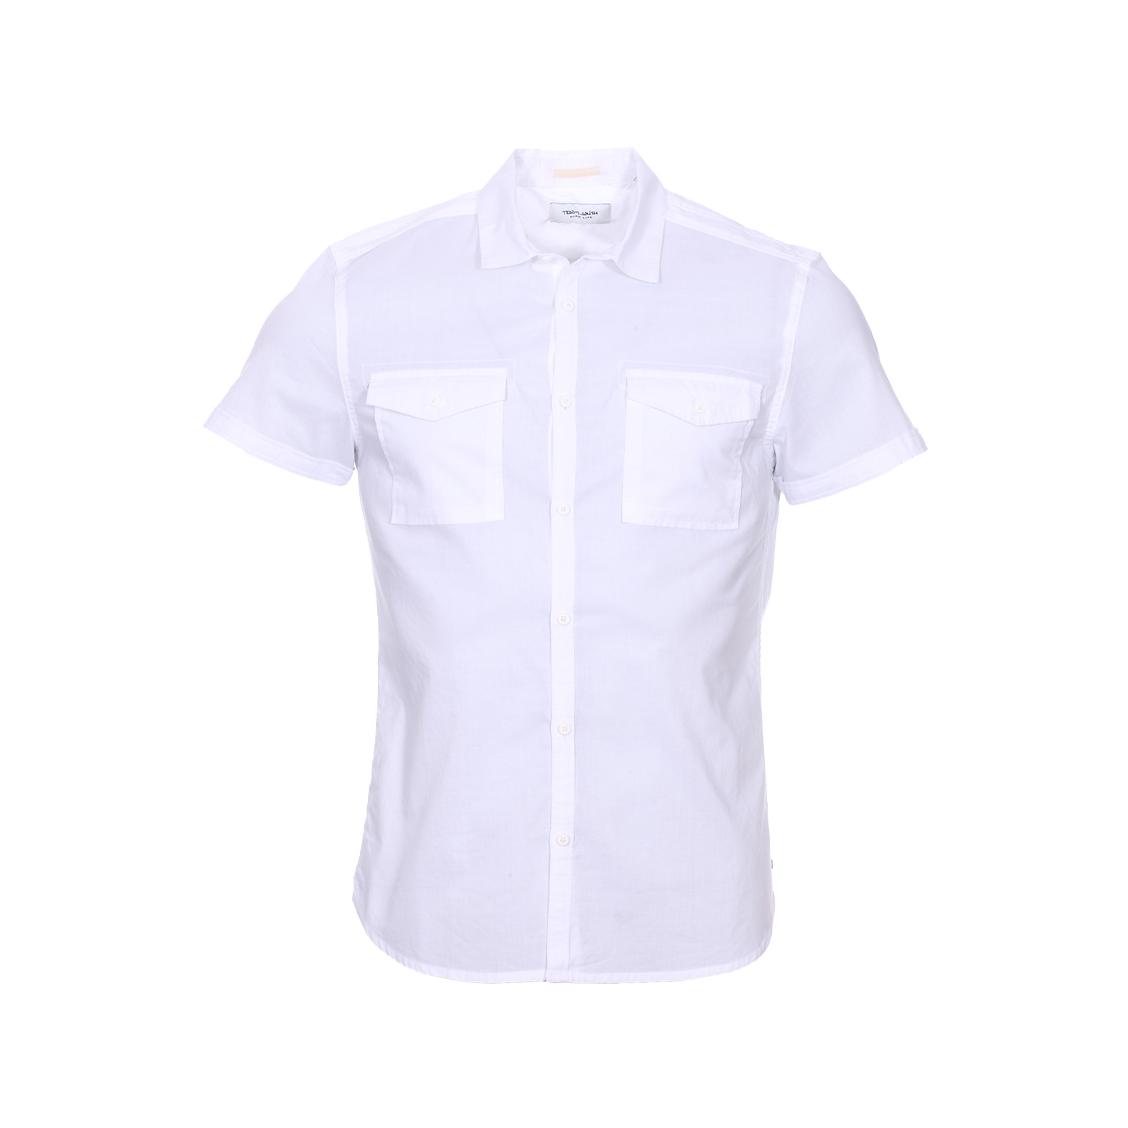 Chemise manches courtes  cong en coton blanc